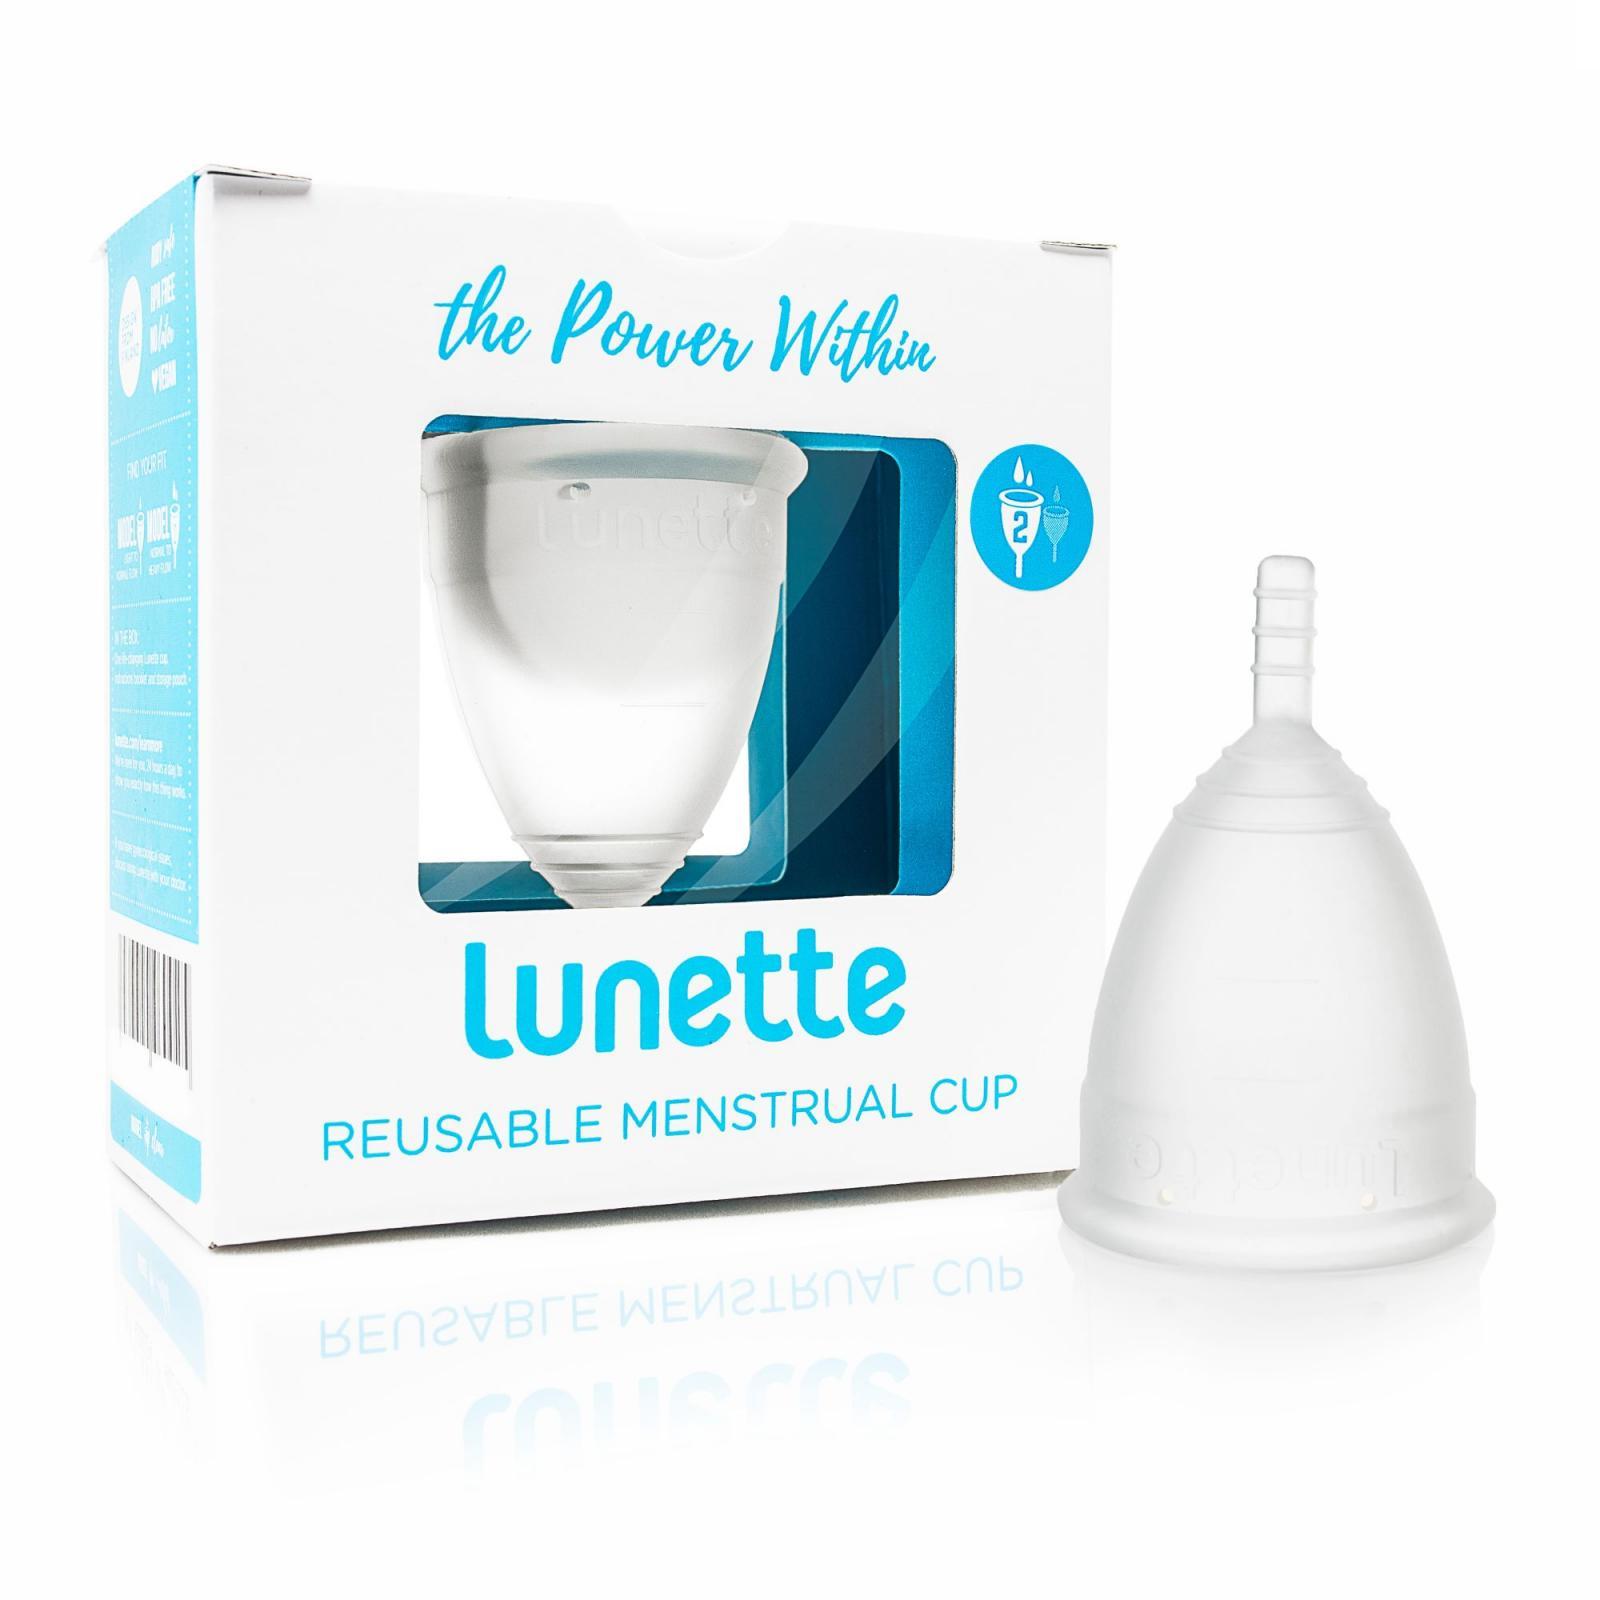 Lunette Menstruační kalíšek model 2 (větší), čirý 1 ks